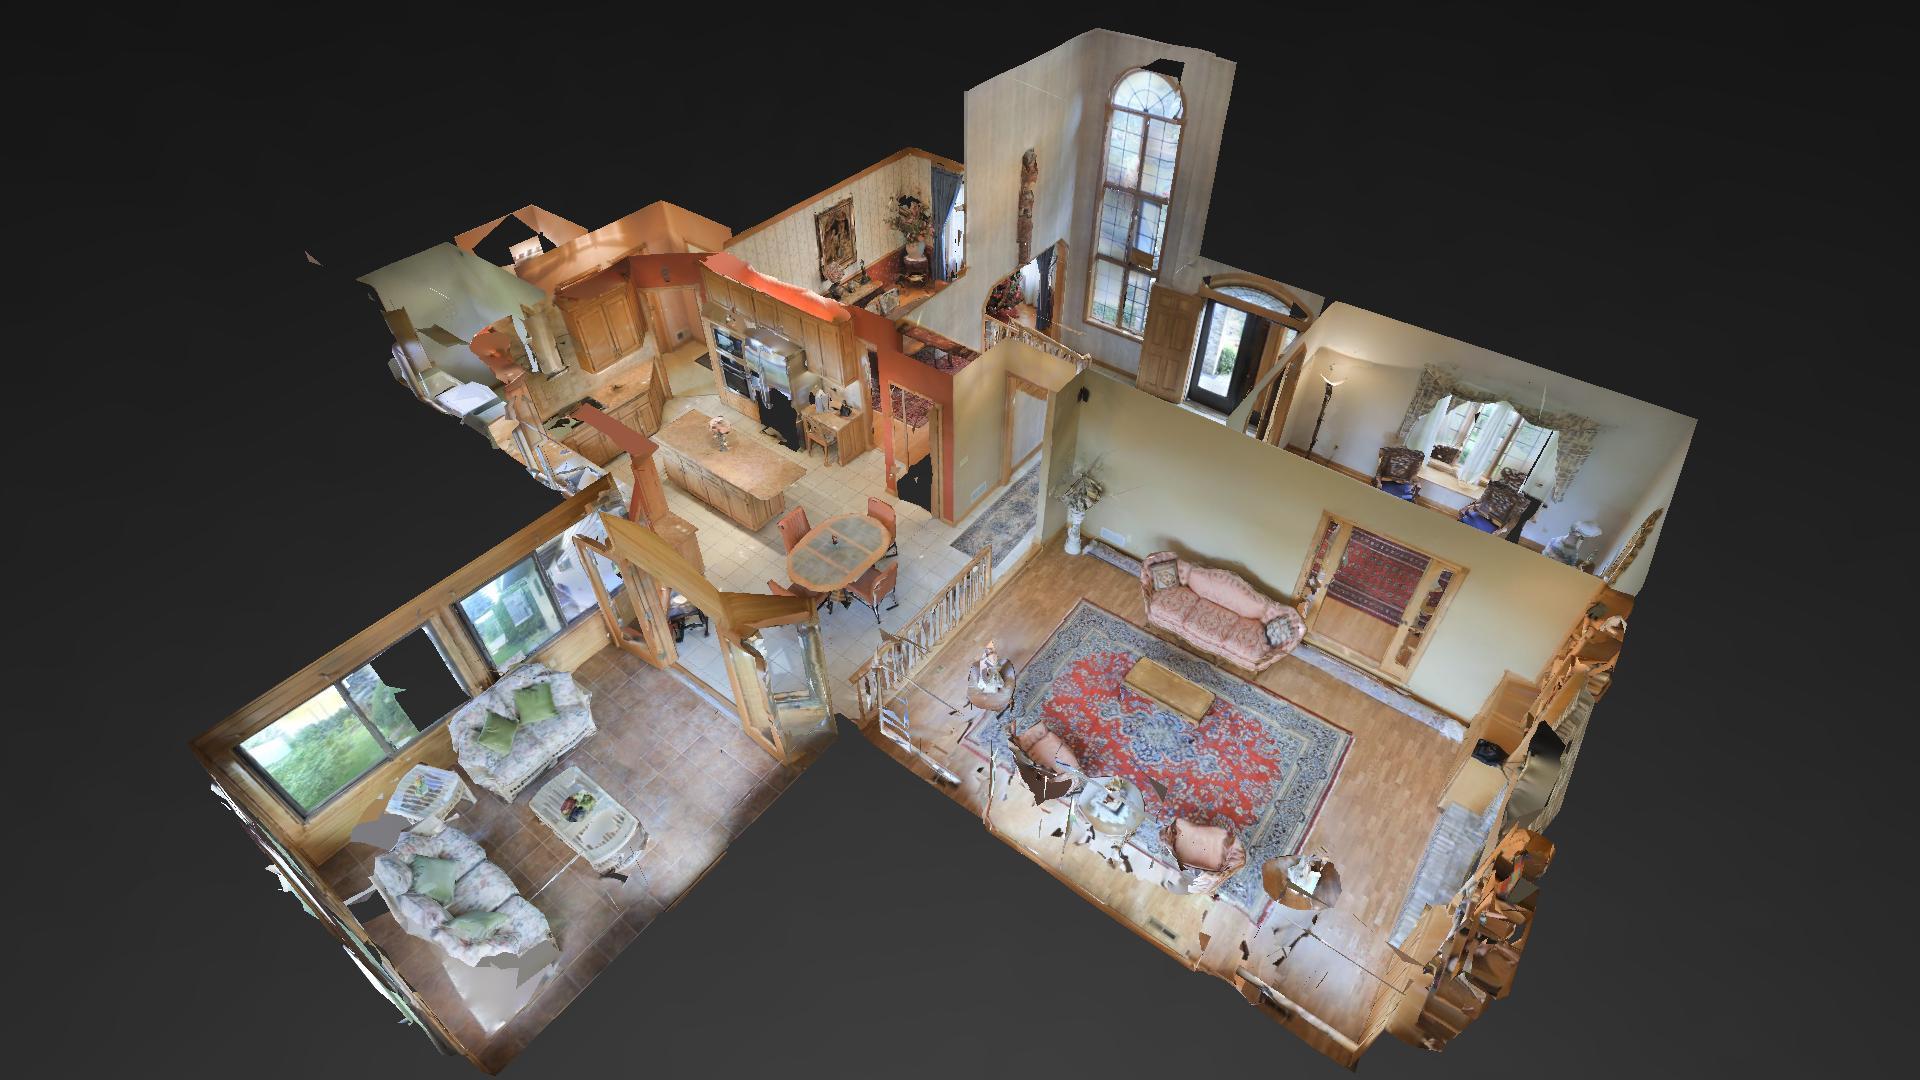 Main floor dllhouse.jpg